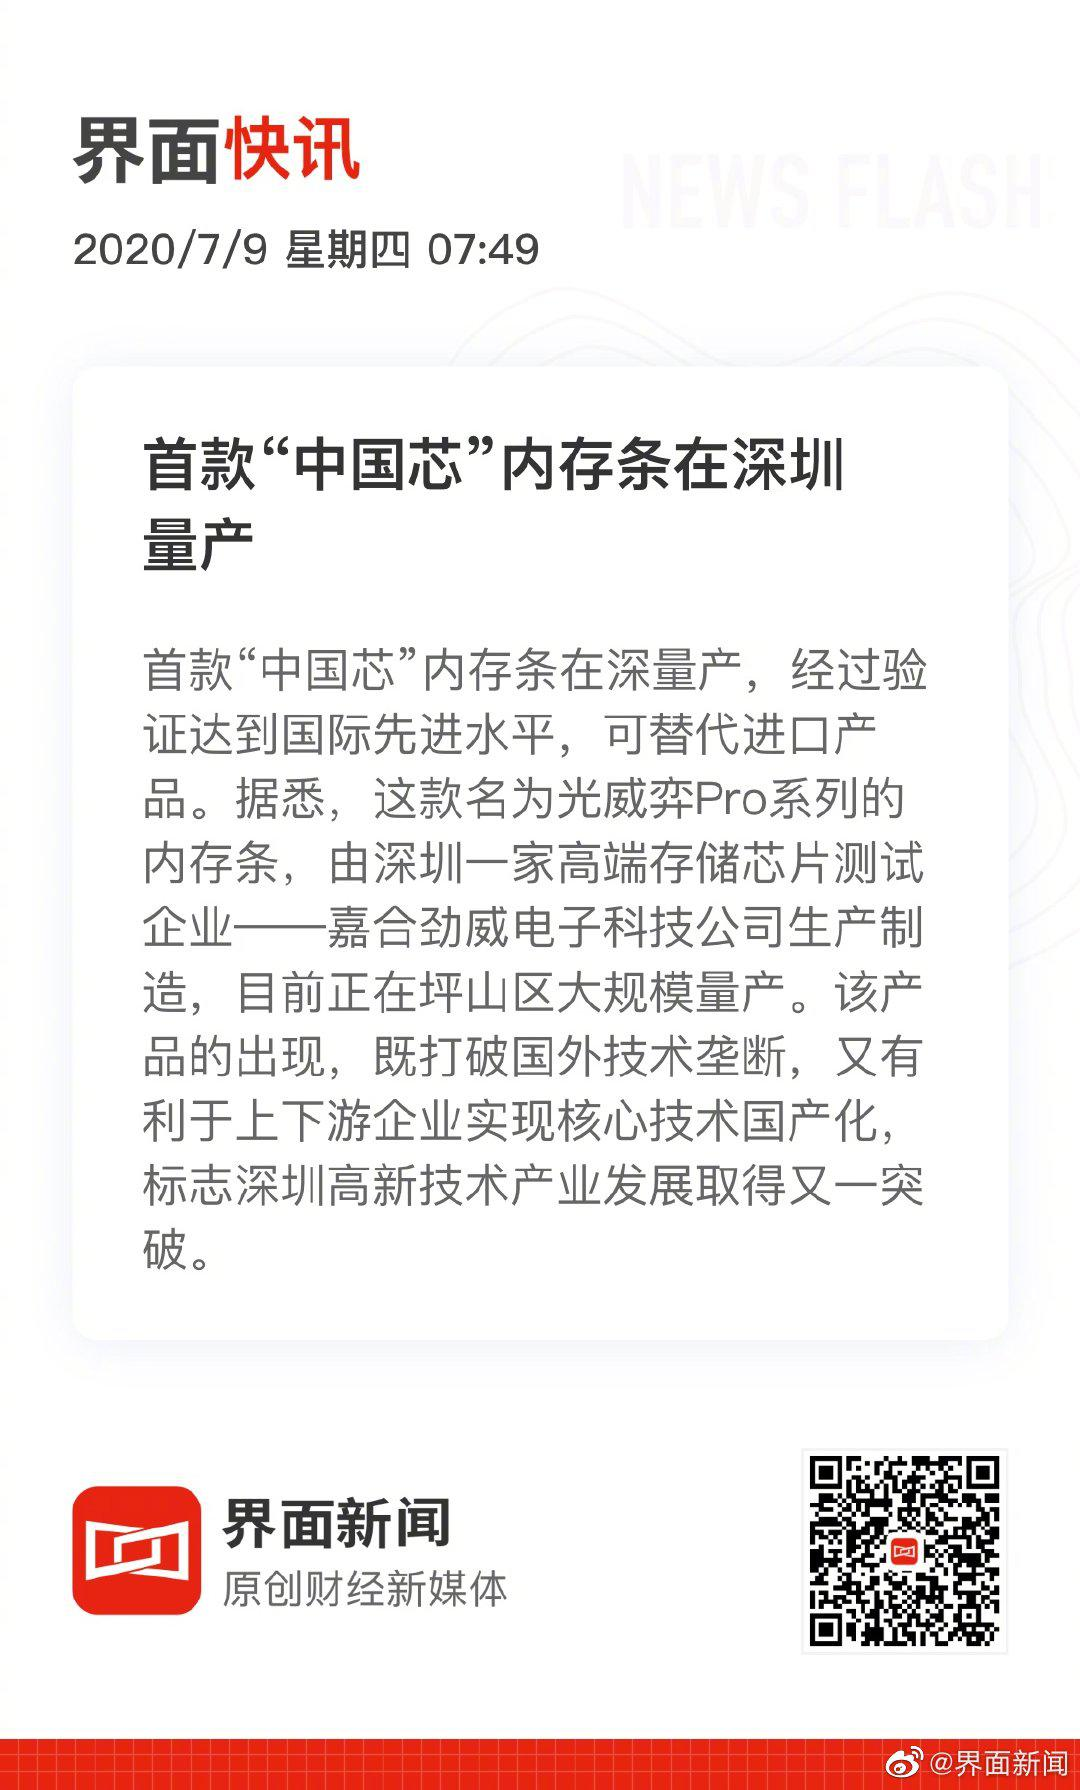 【杏悦】首款中杏悦国芯内存条在深圳量产图片